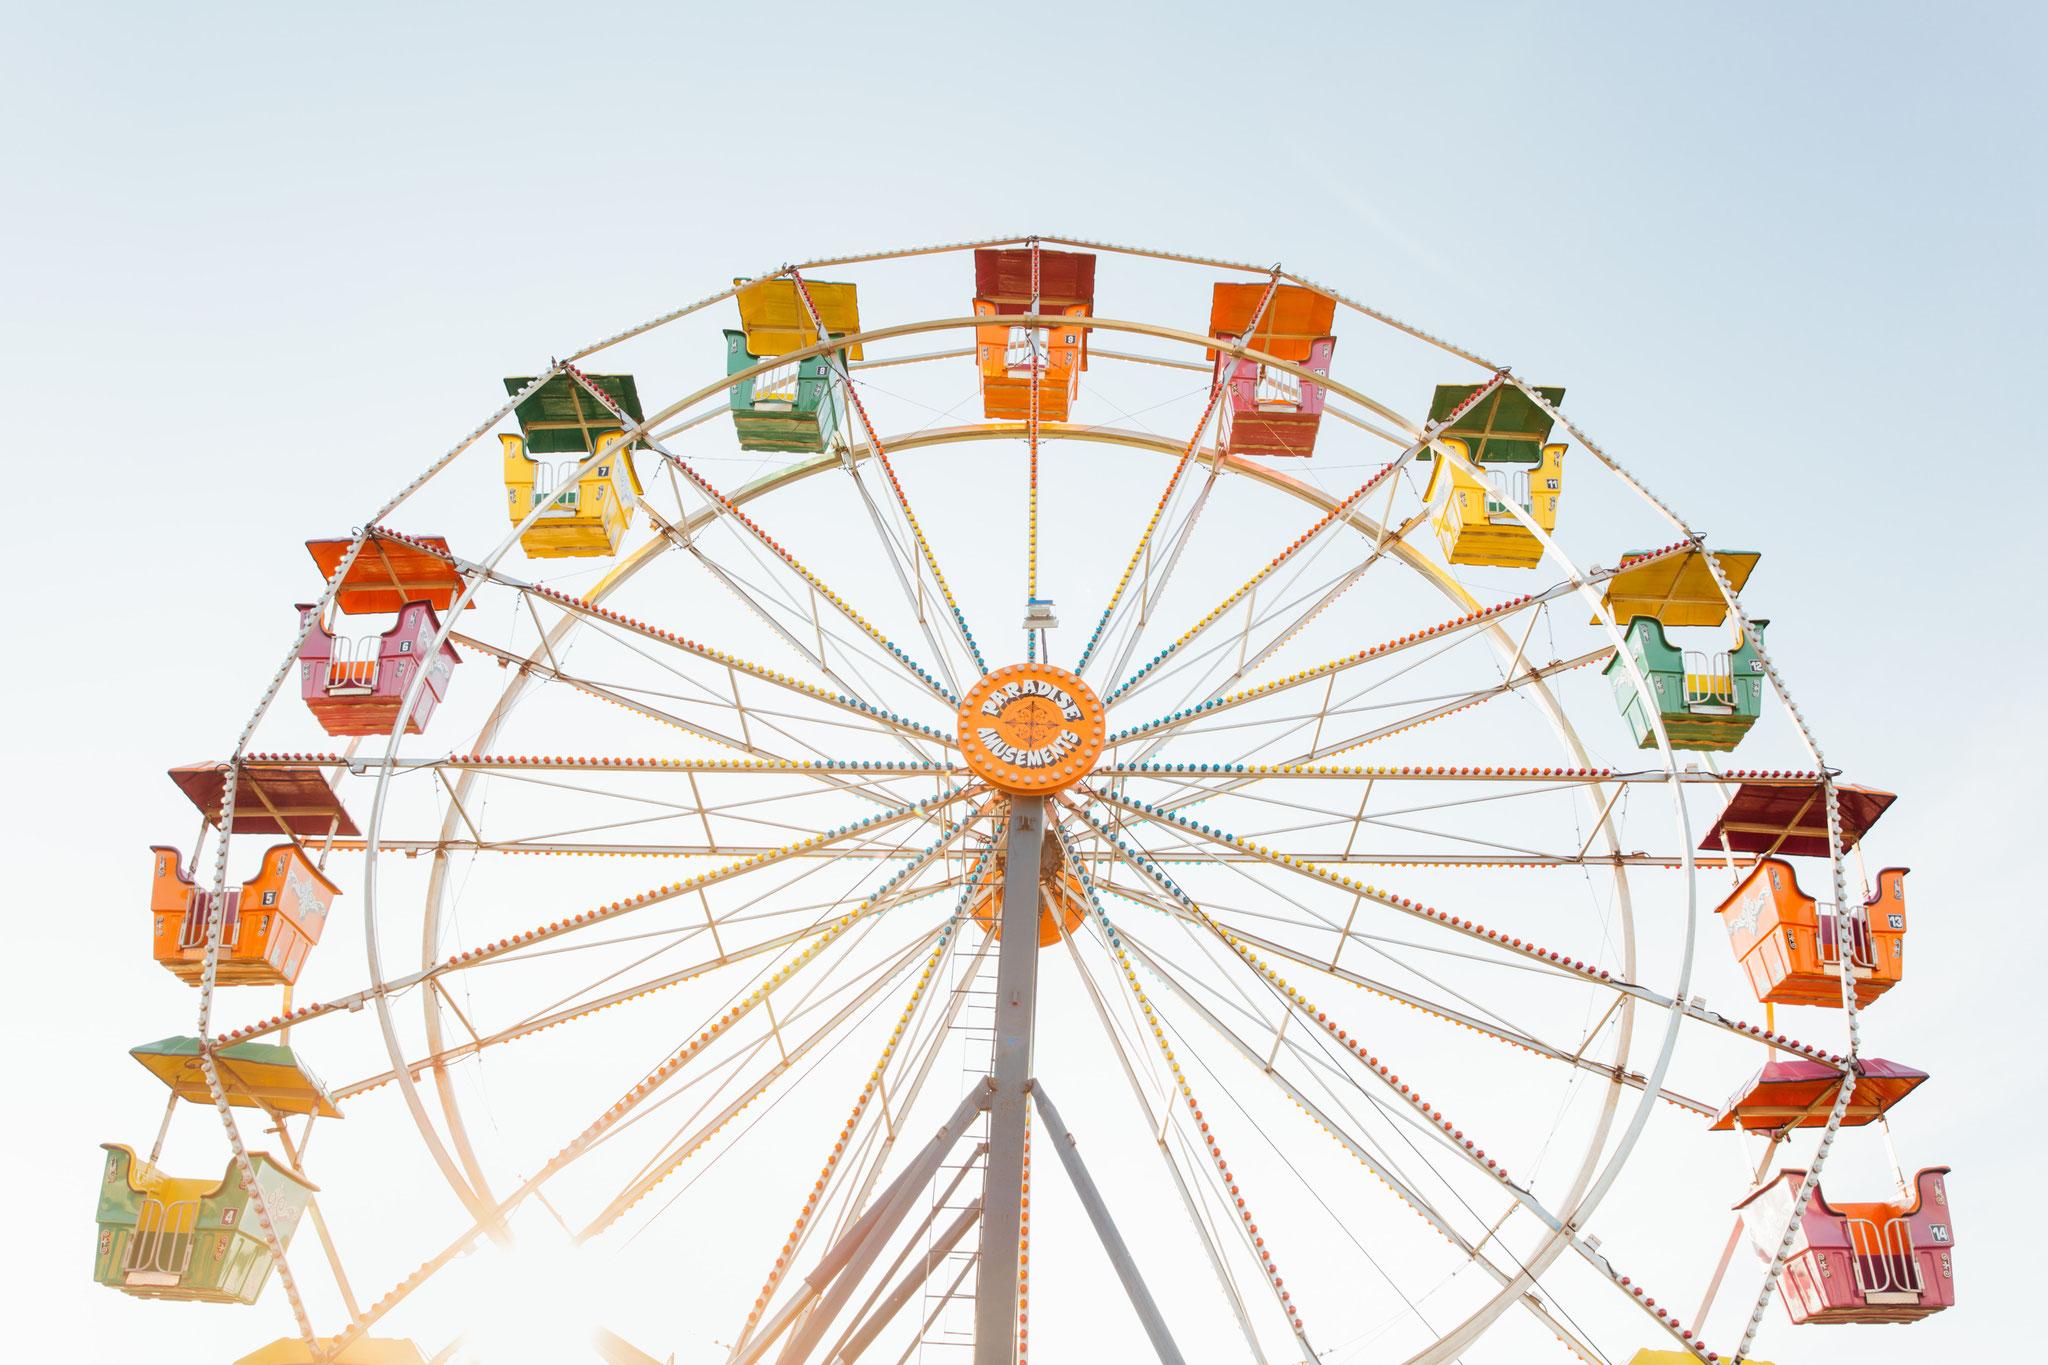 CHANGEMANAGEMENT - Vom Hamsterrad aufs Riesenrad